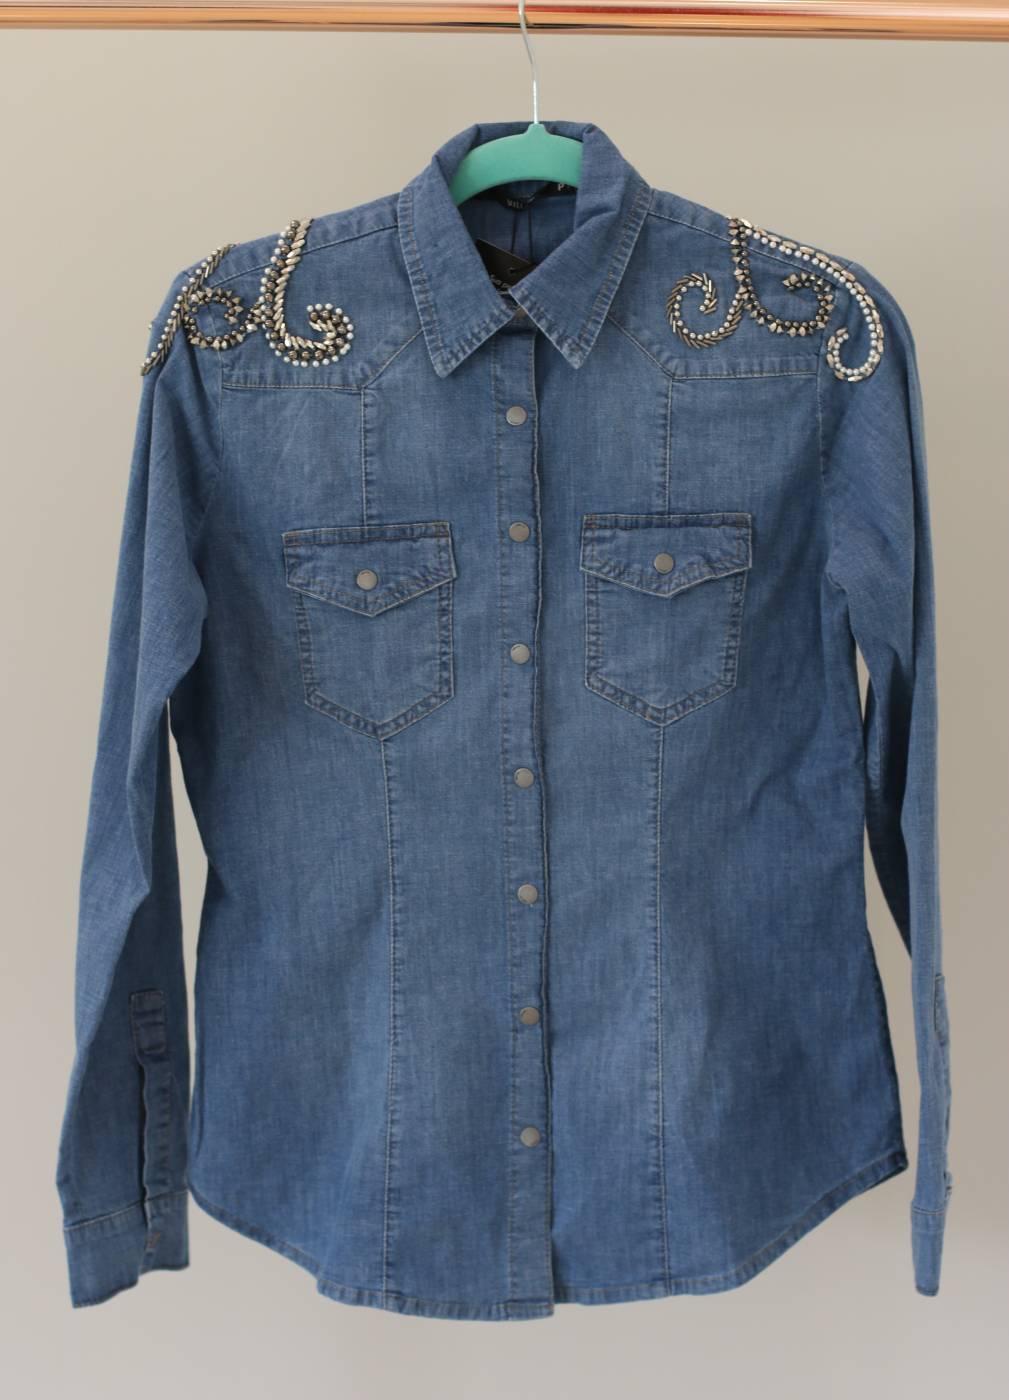 Camisa Jeans Bordado Ombro Villon